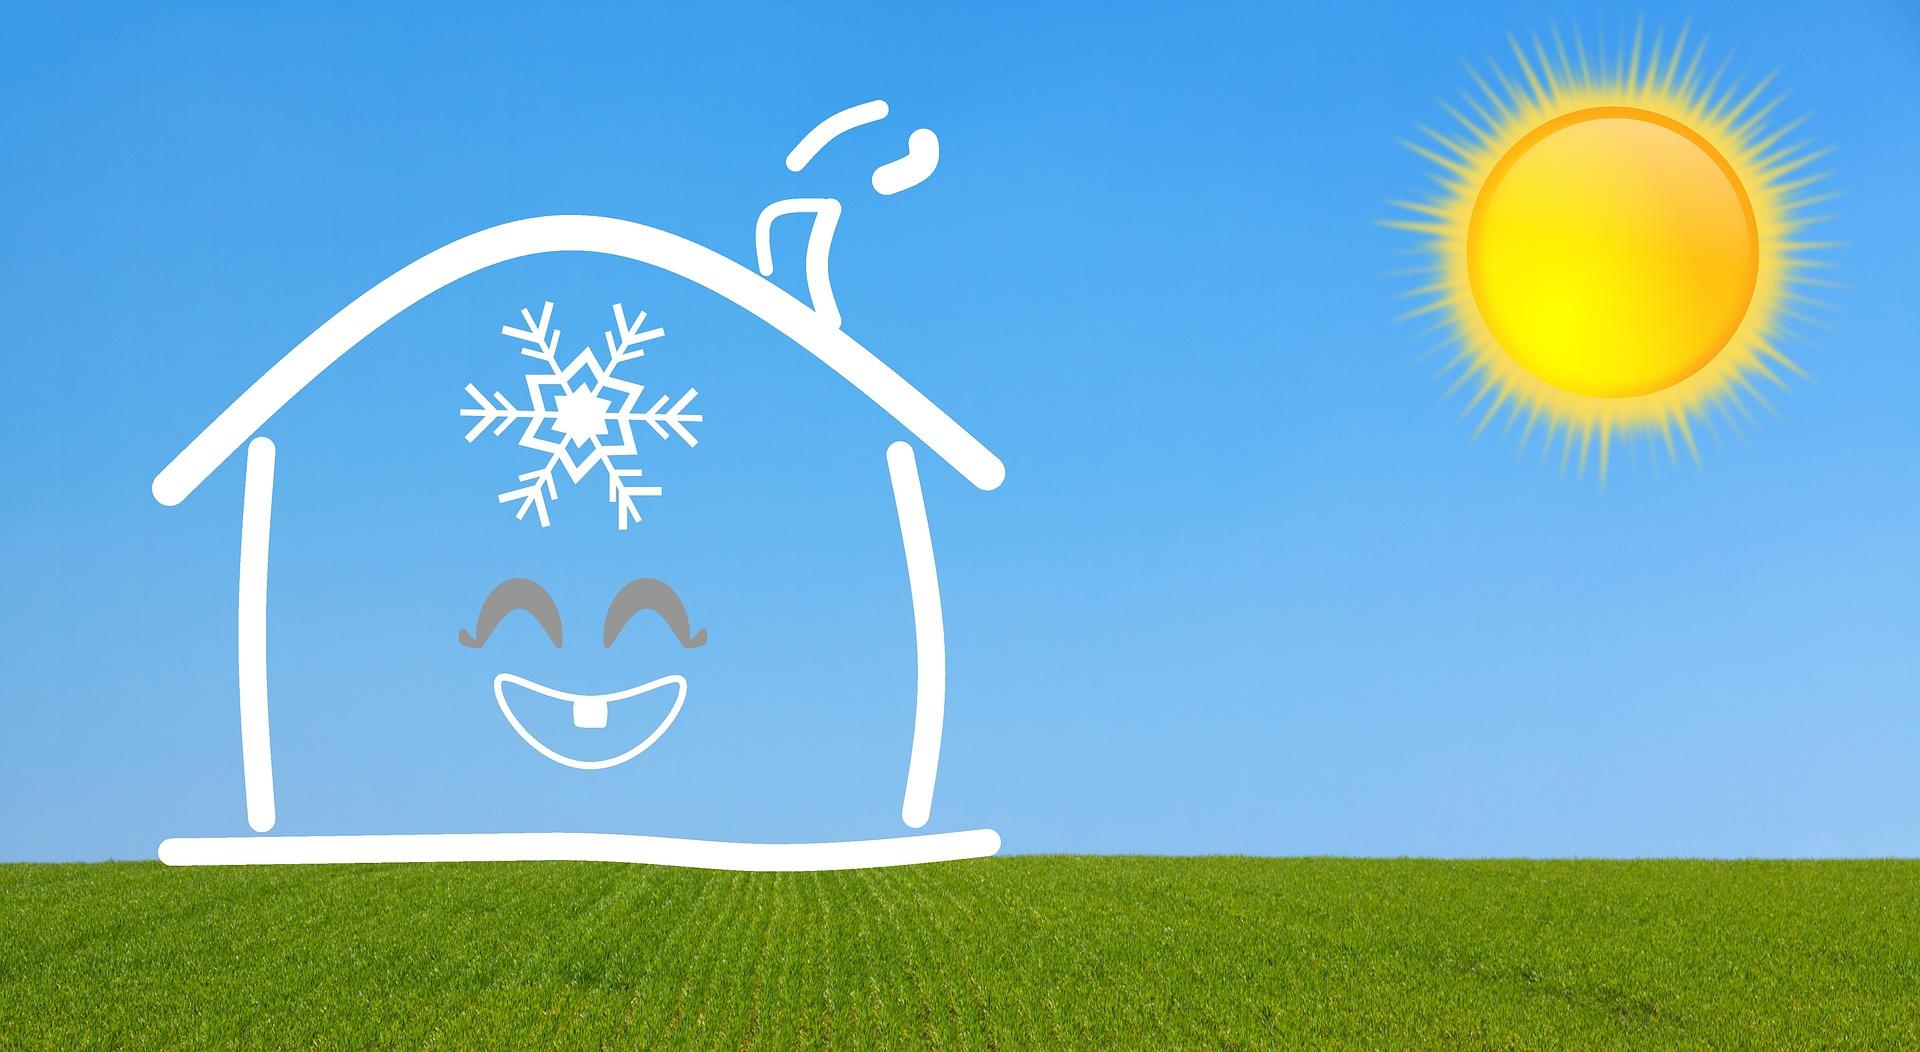 Jaki system ogrzewania najlepiej współpracuje z pompami ciepła?